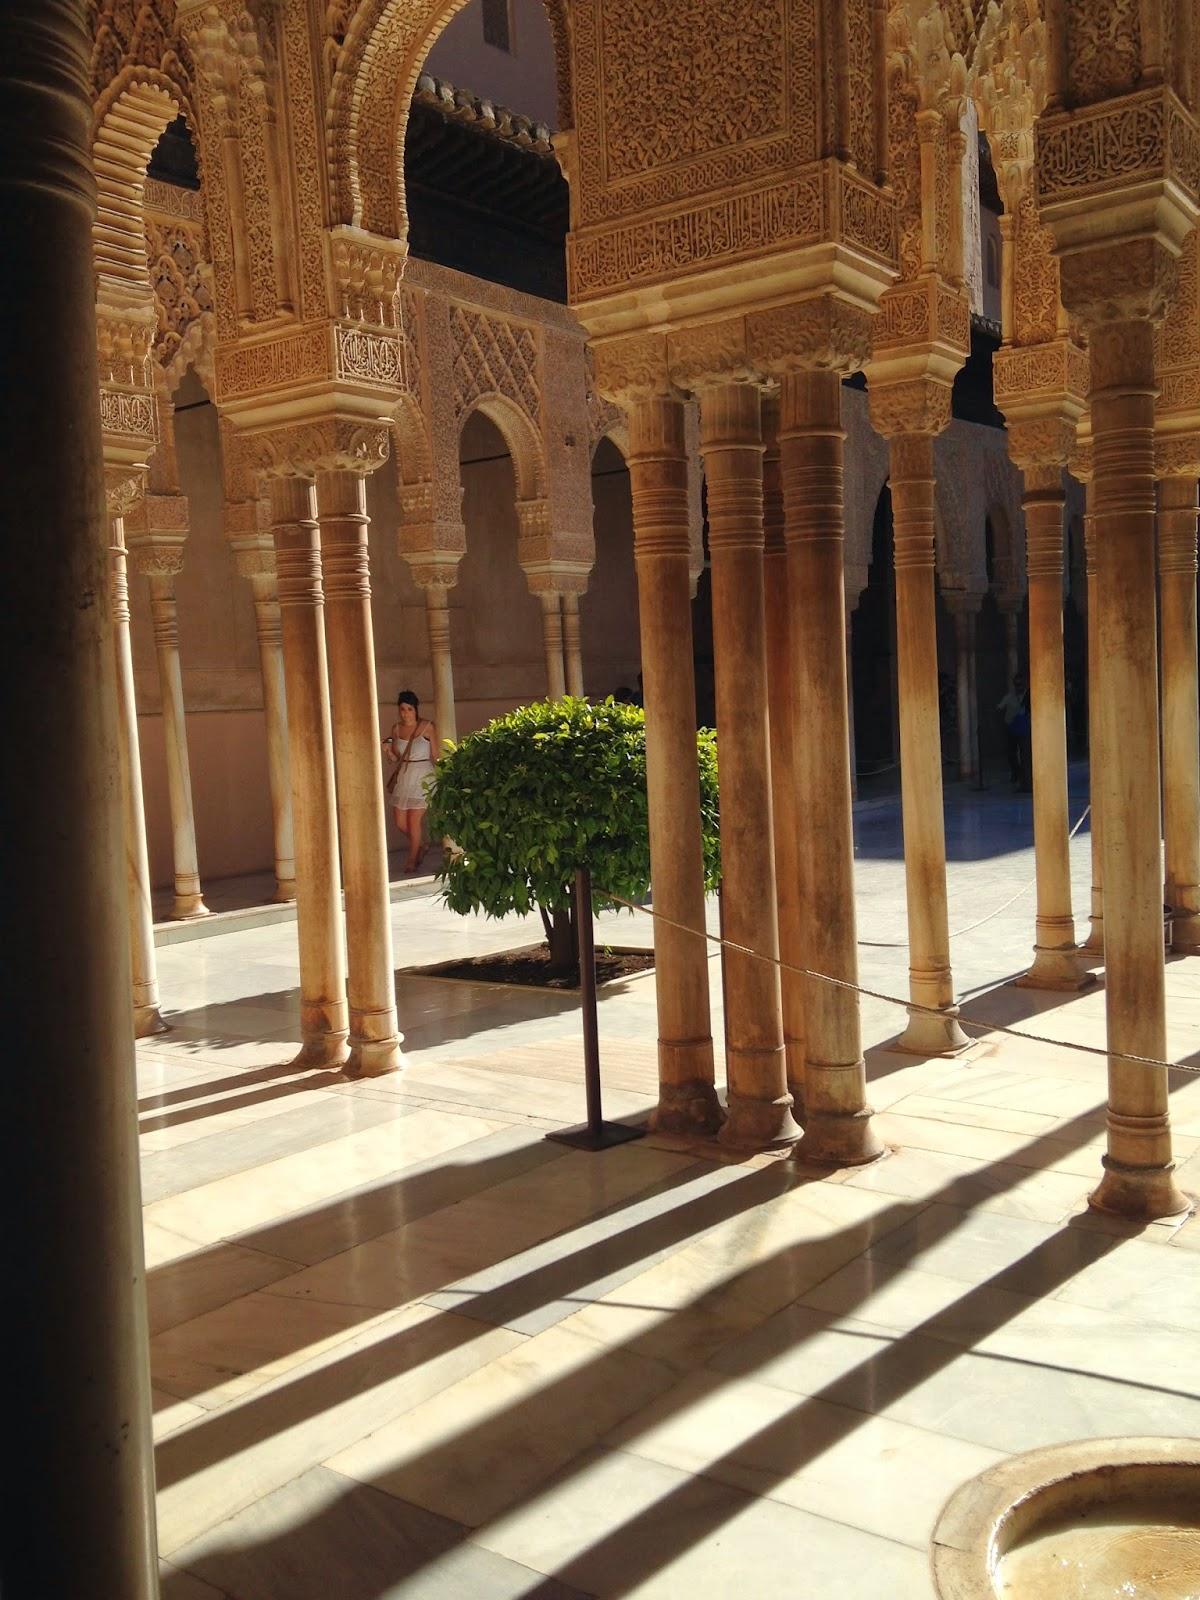 Tocho t8 arquitectura y naturaleza en la arquitectura for Arquitectura islamica